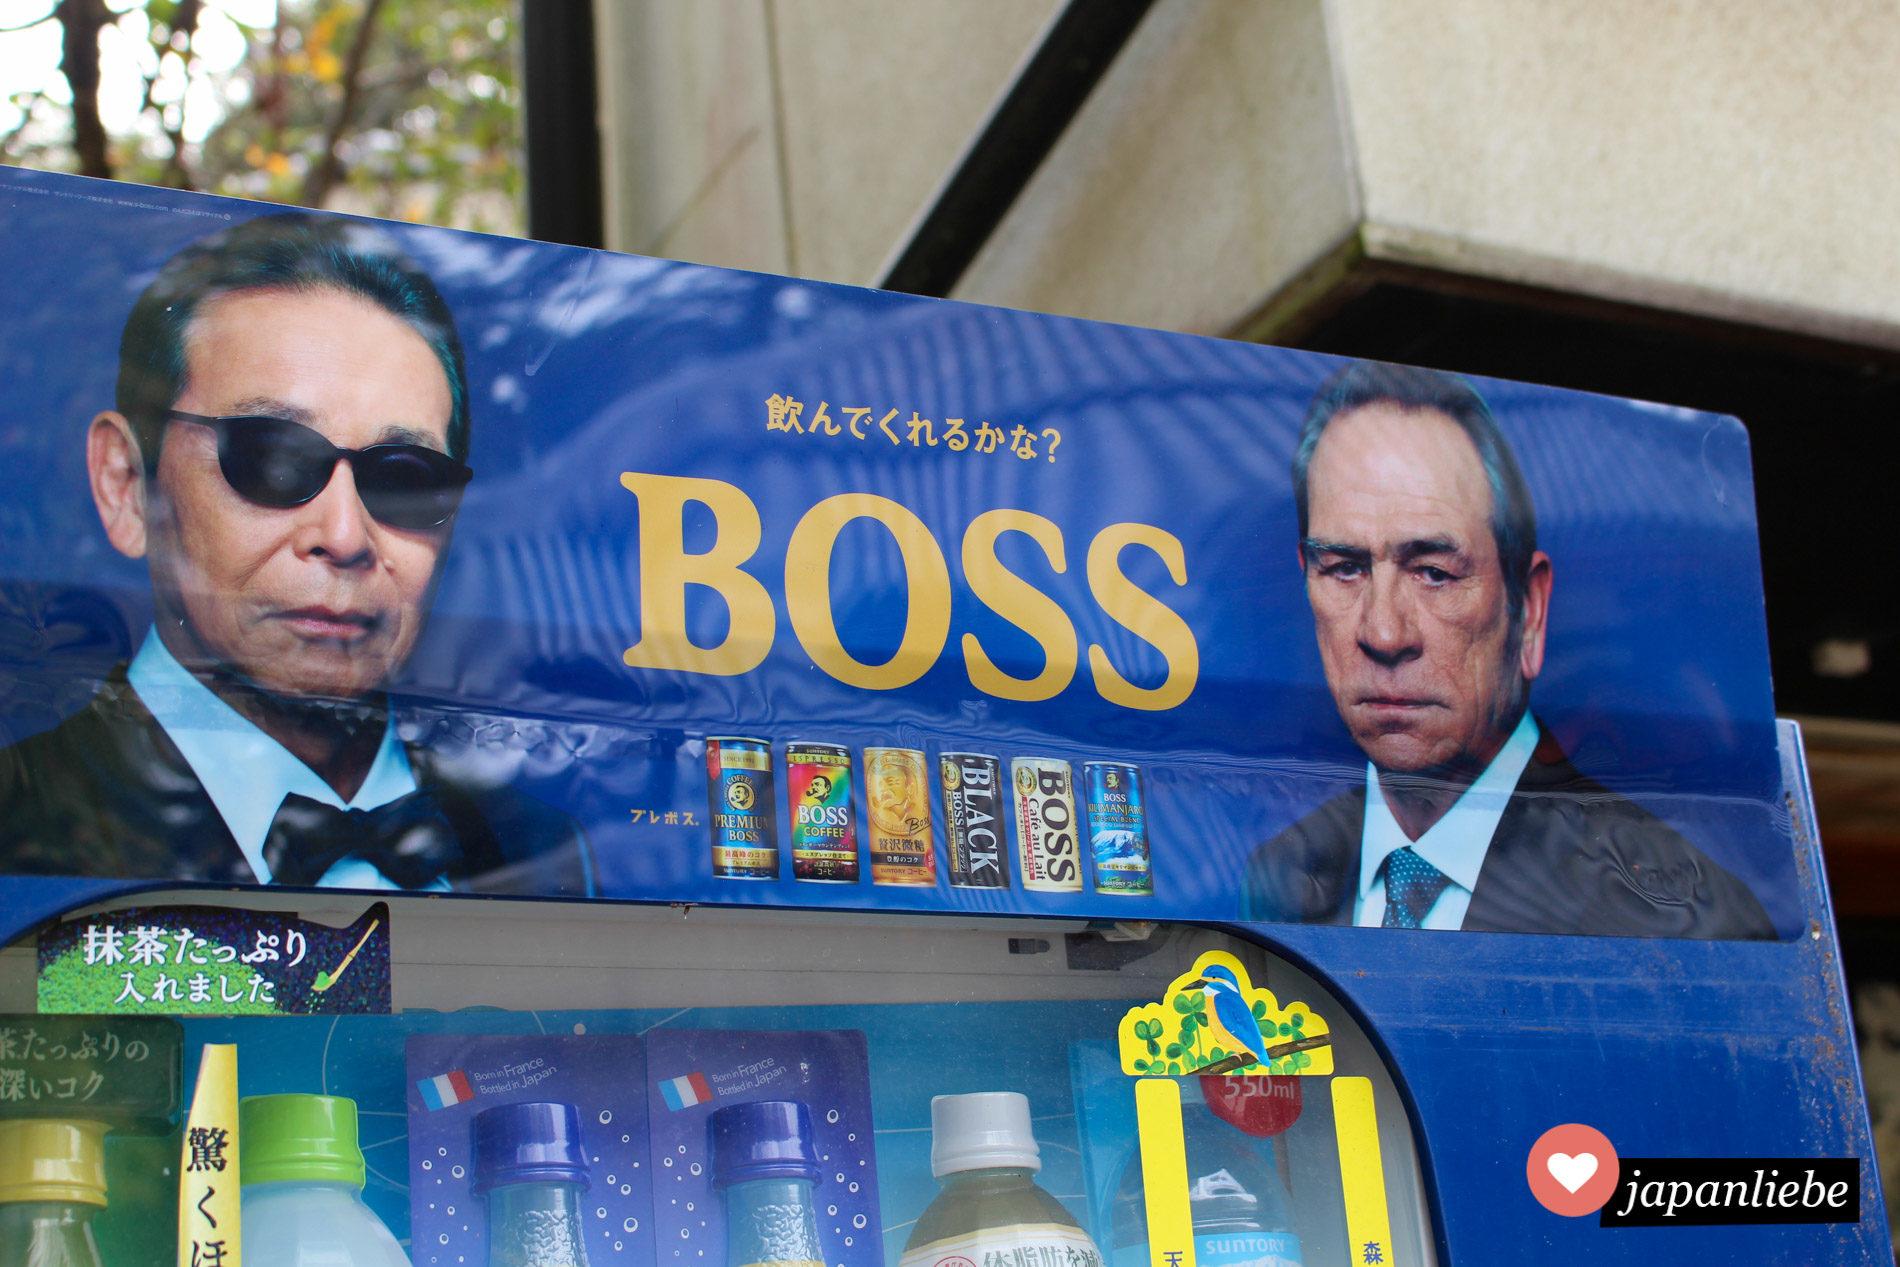 Tommy Lee Jones ist seit vielen Jahren Werbeträger der Kaffeemarke Boss von Suntory. Hier weird der Dosenkaffee an einem Getränkeautomaten beworben.